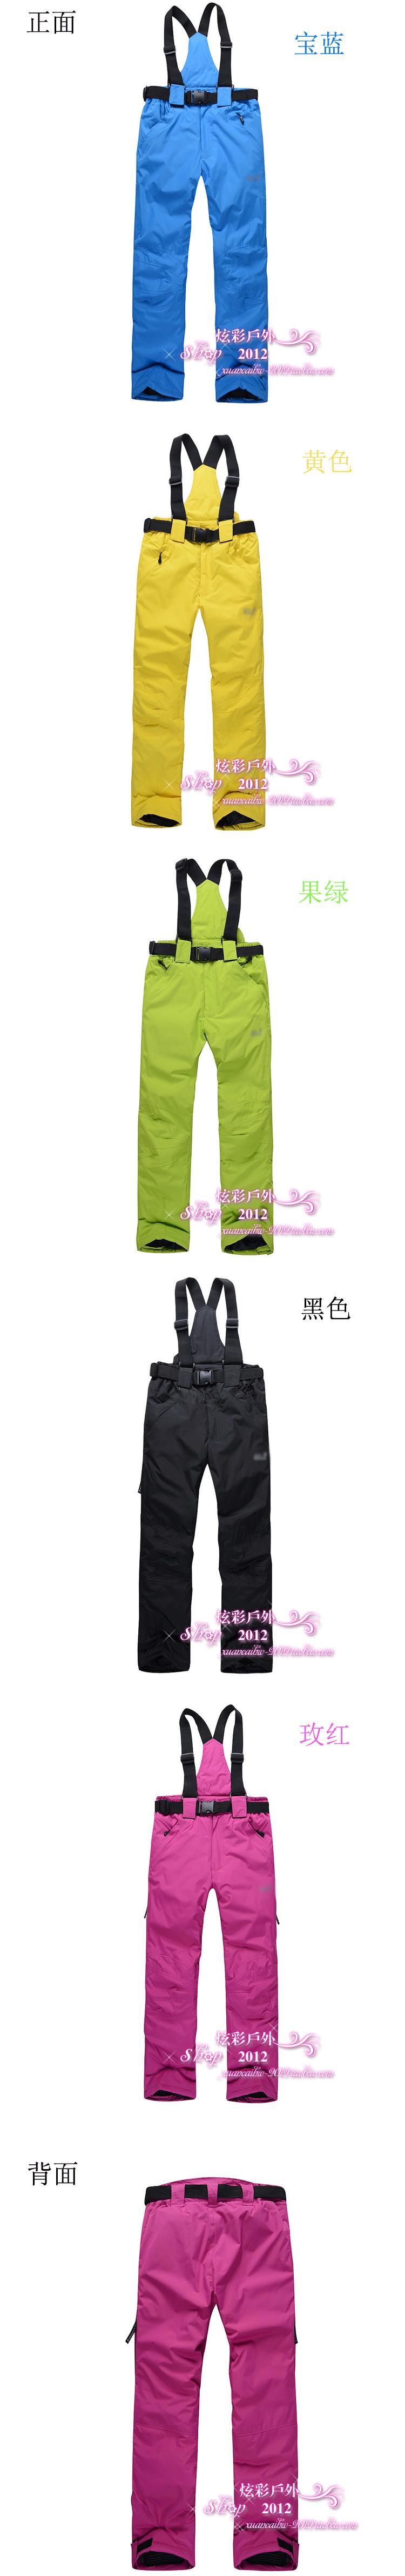 Лыжные, сноубордические брюки мужские и женские, горнолыжные штаны фото